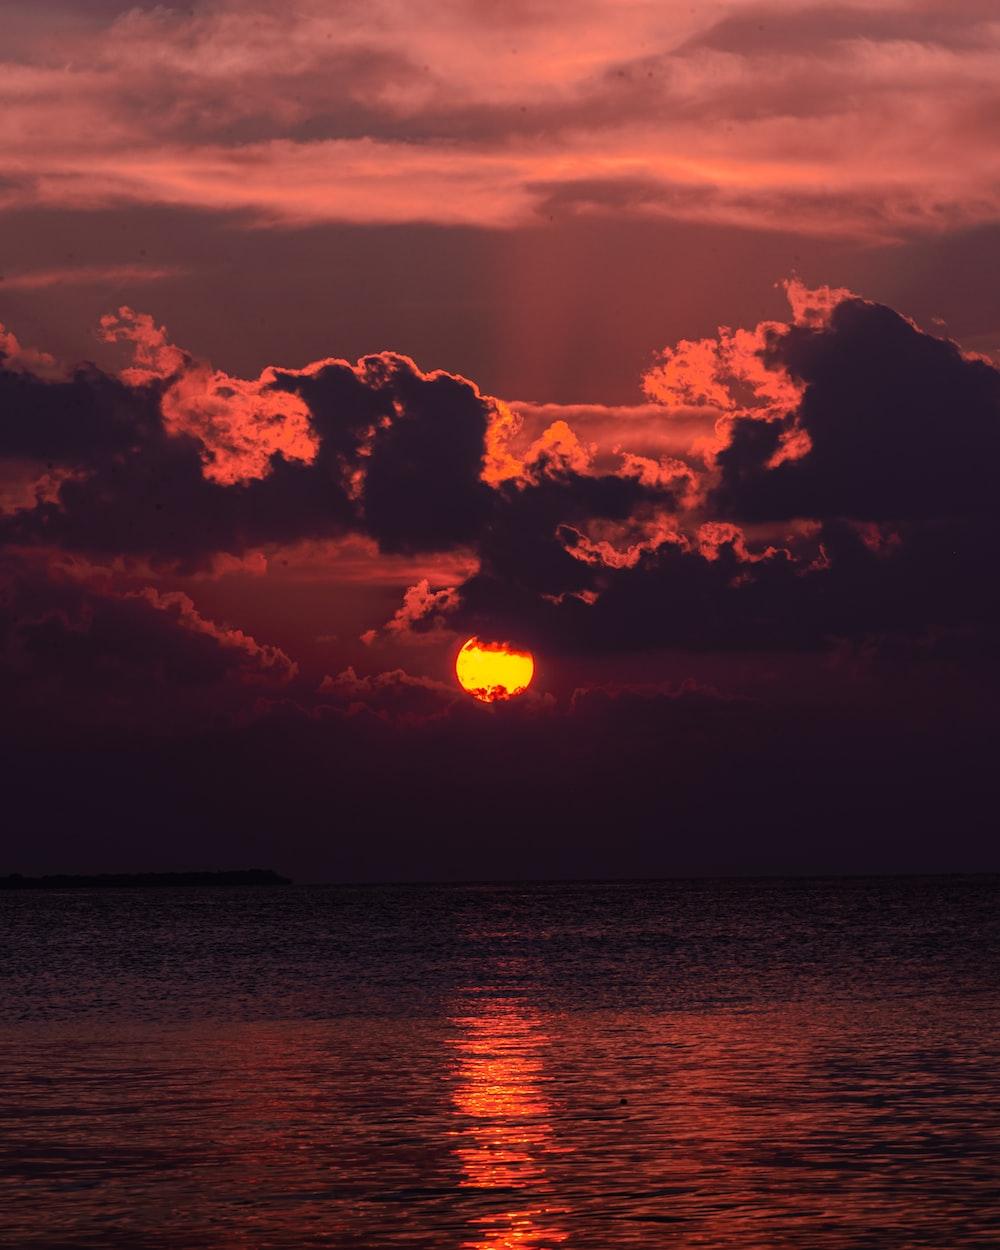 calm of water under golden hour